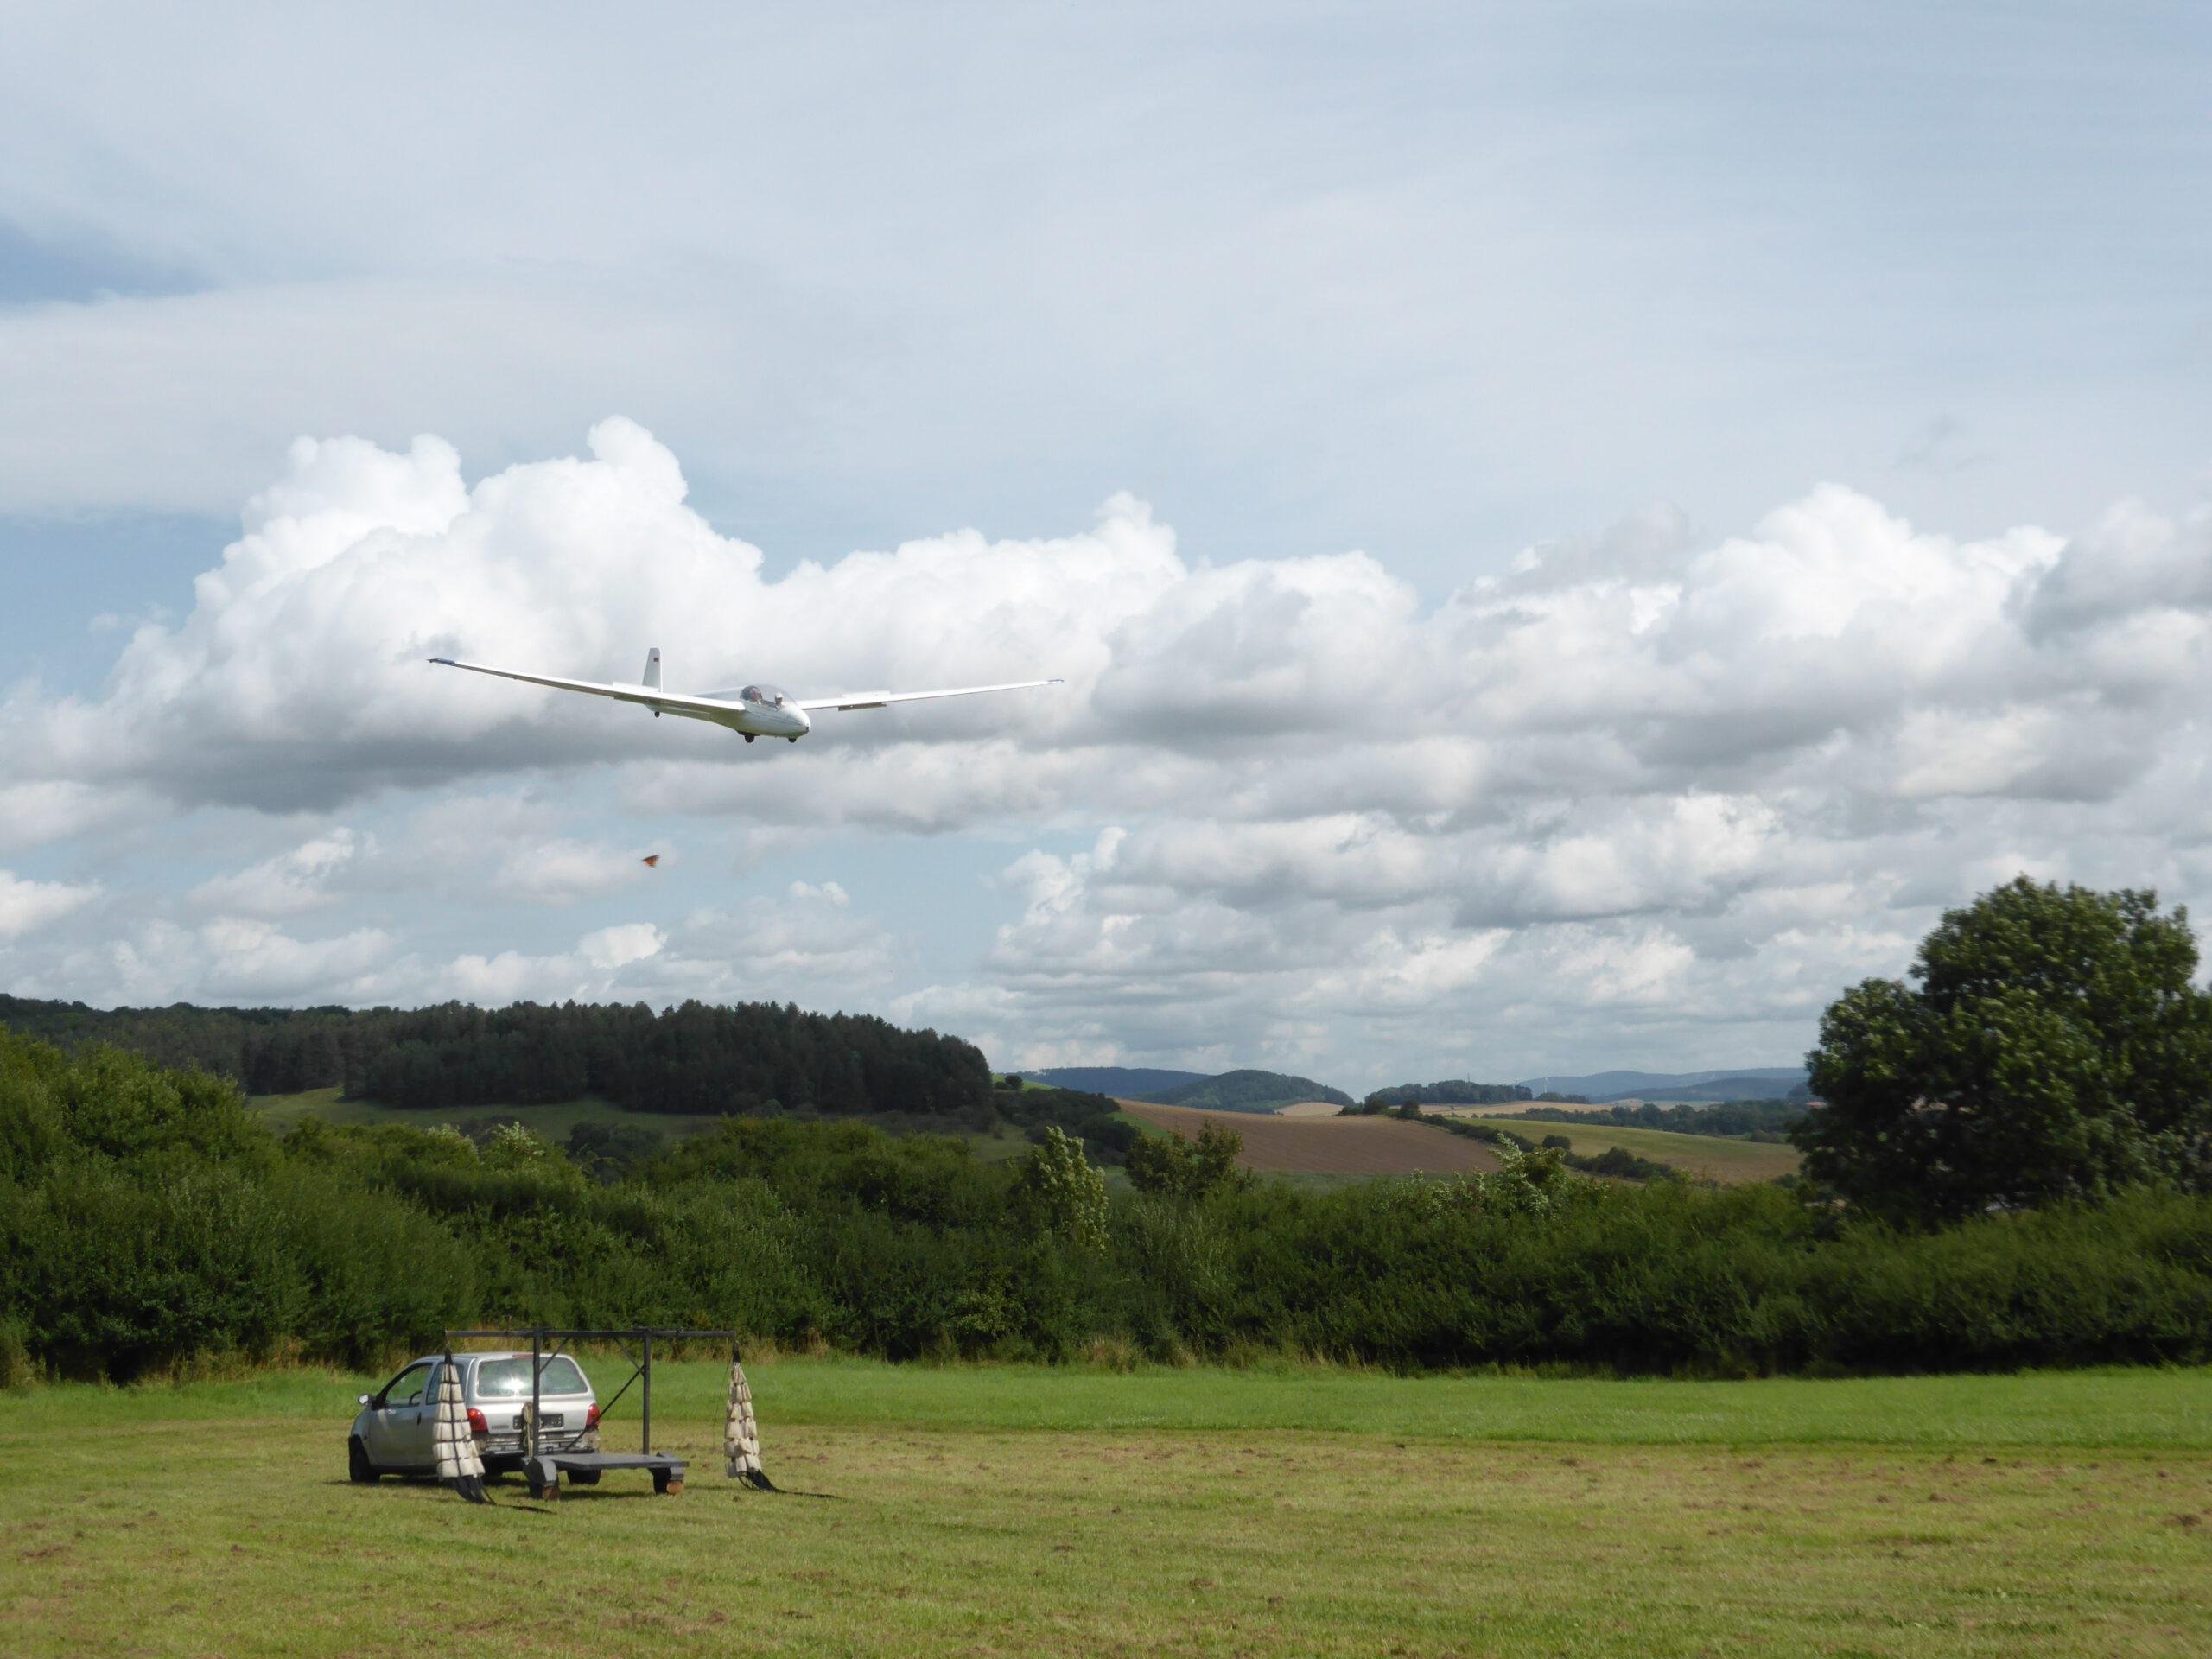 ASK-13 Landung